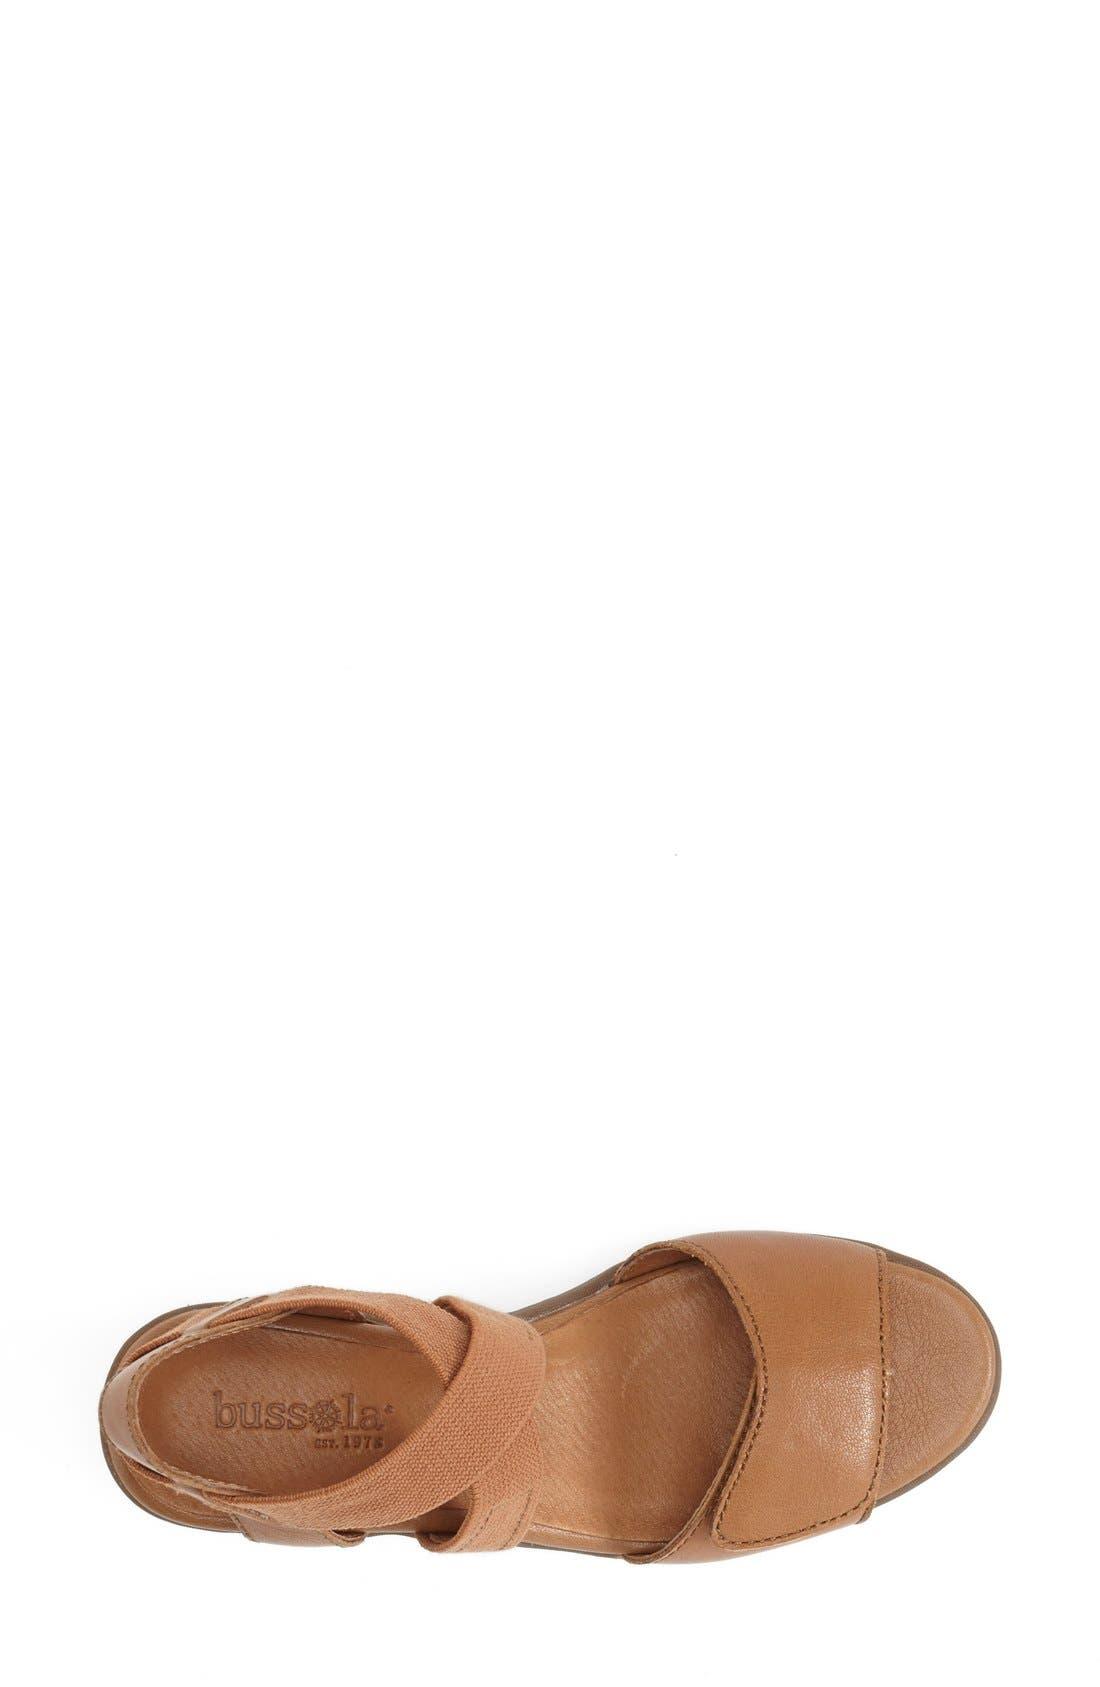 Alternate Image 3  - Bussola 'Zumaia' Wedge Sandal (Women)